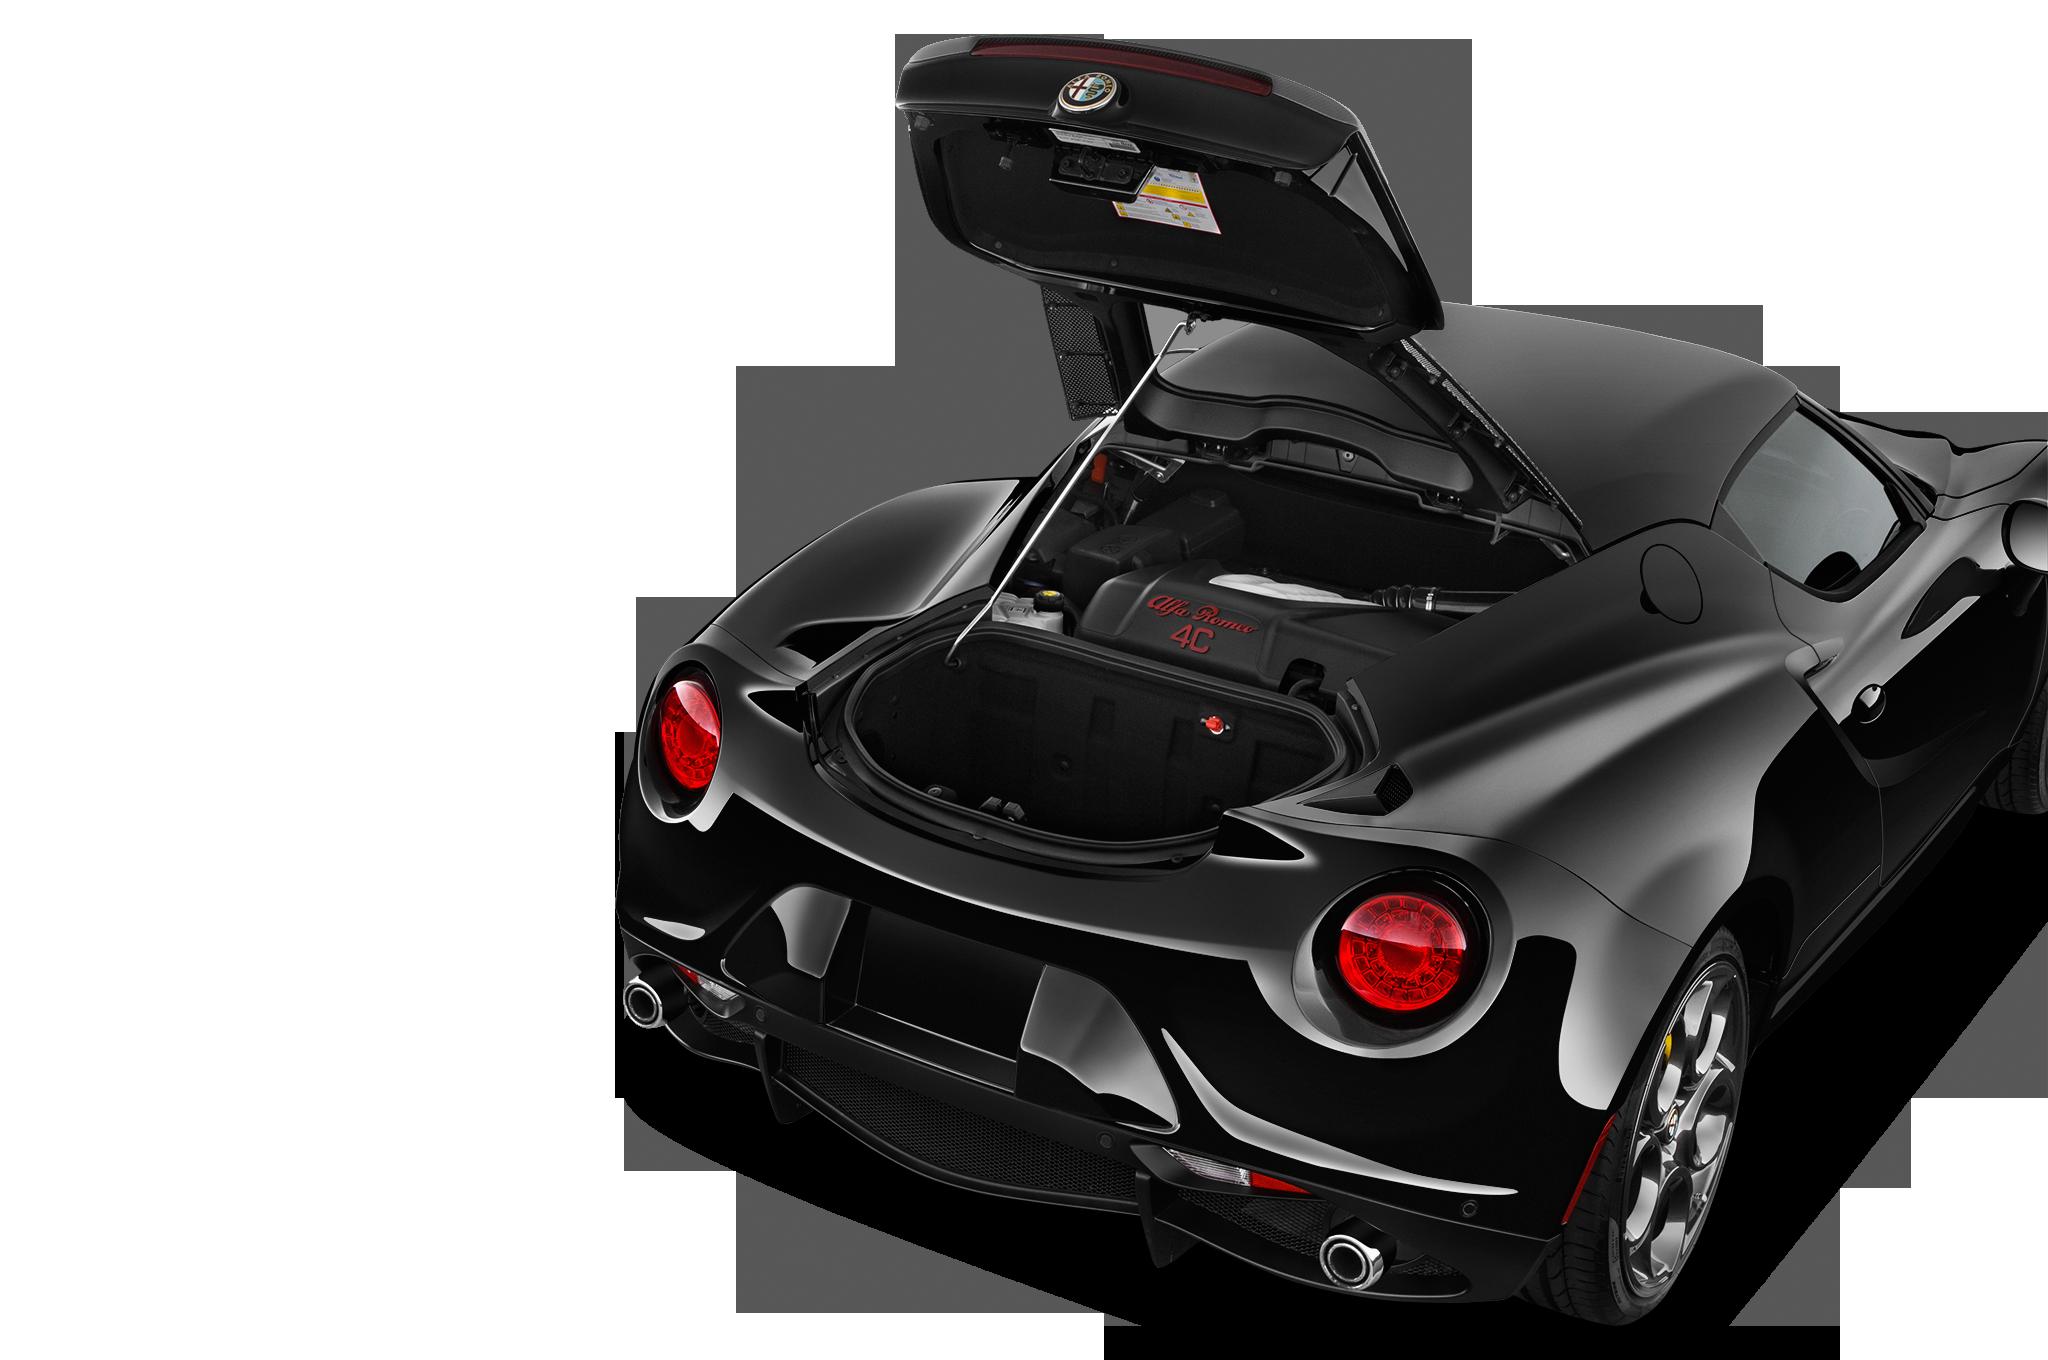 Fiat Abarth Msrp Spider Starts At 24 995 Motor1 Com